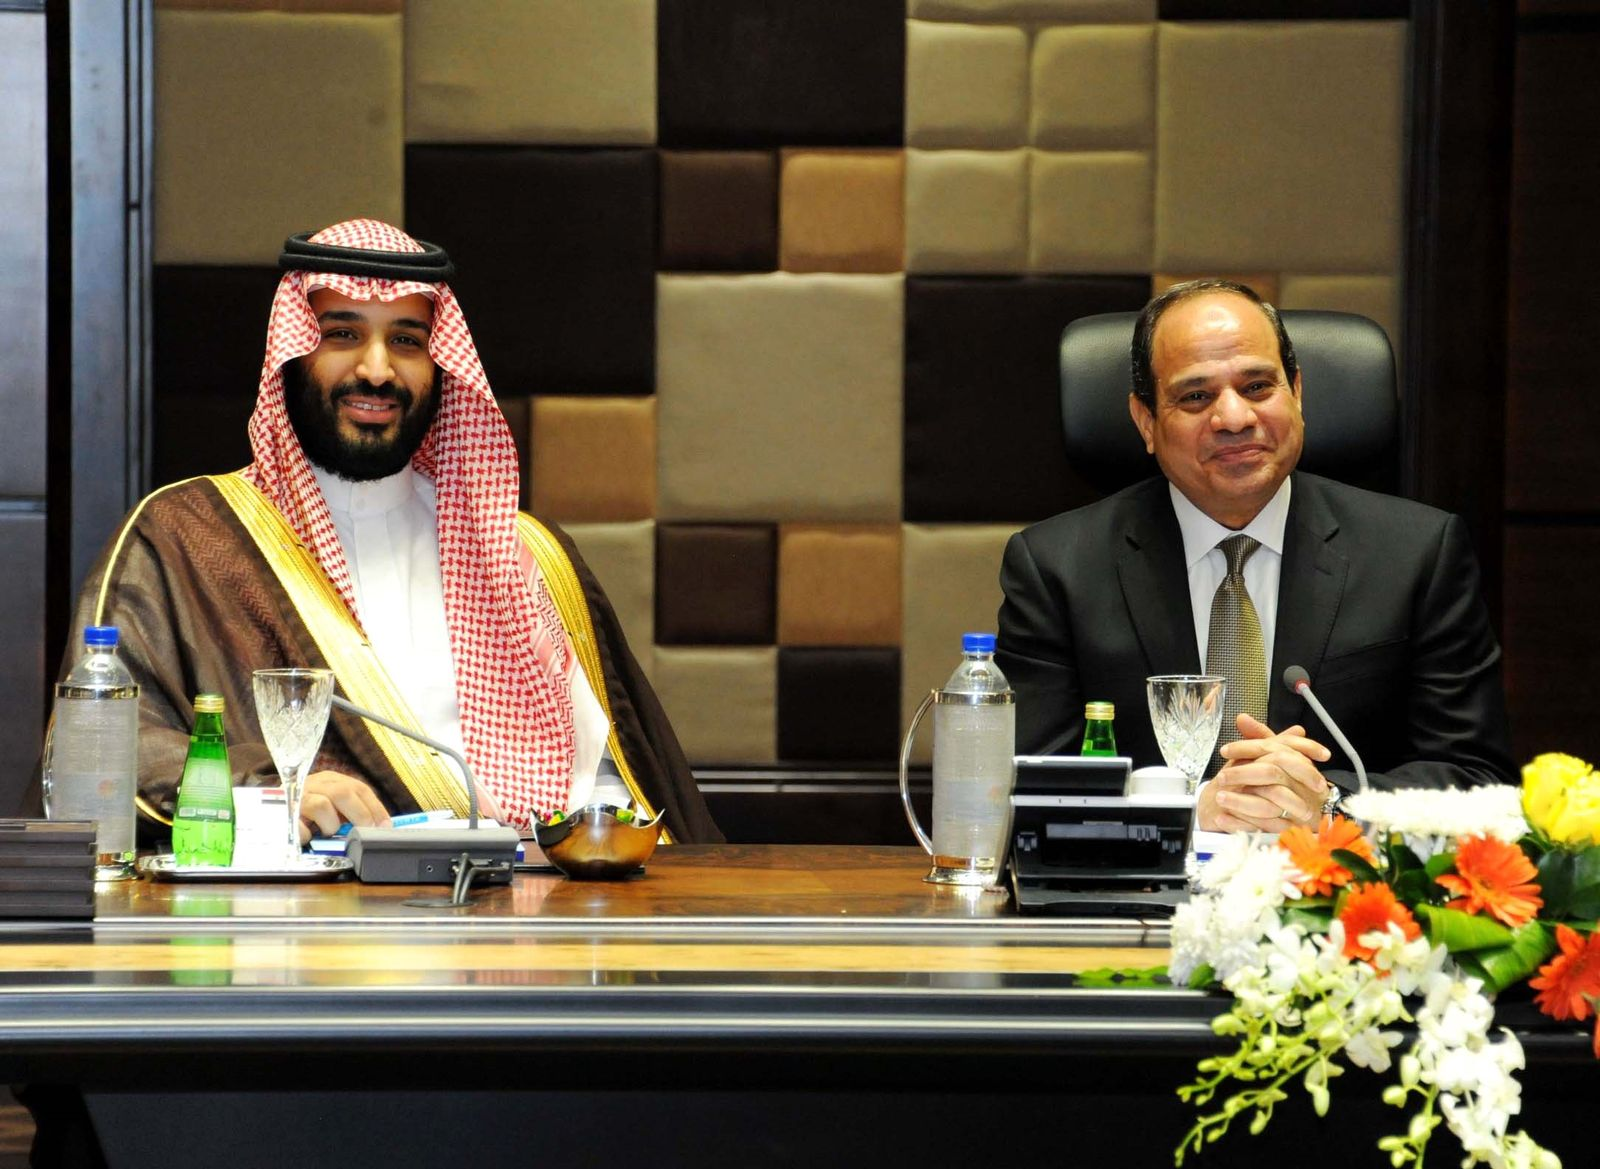 Mohammed bin Salman